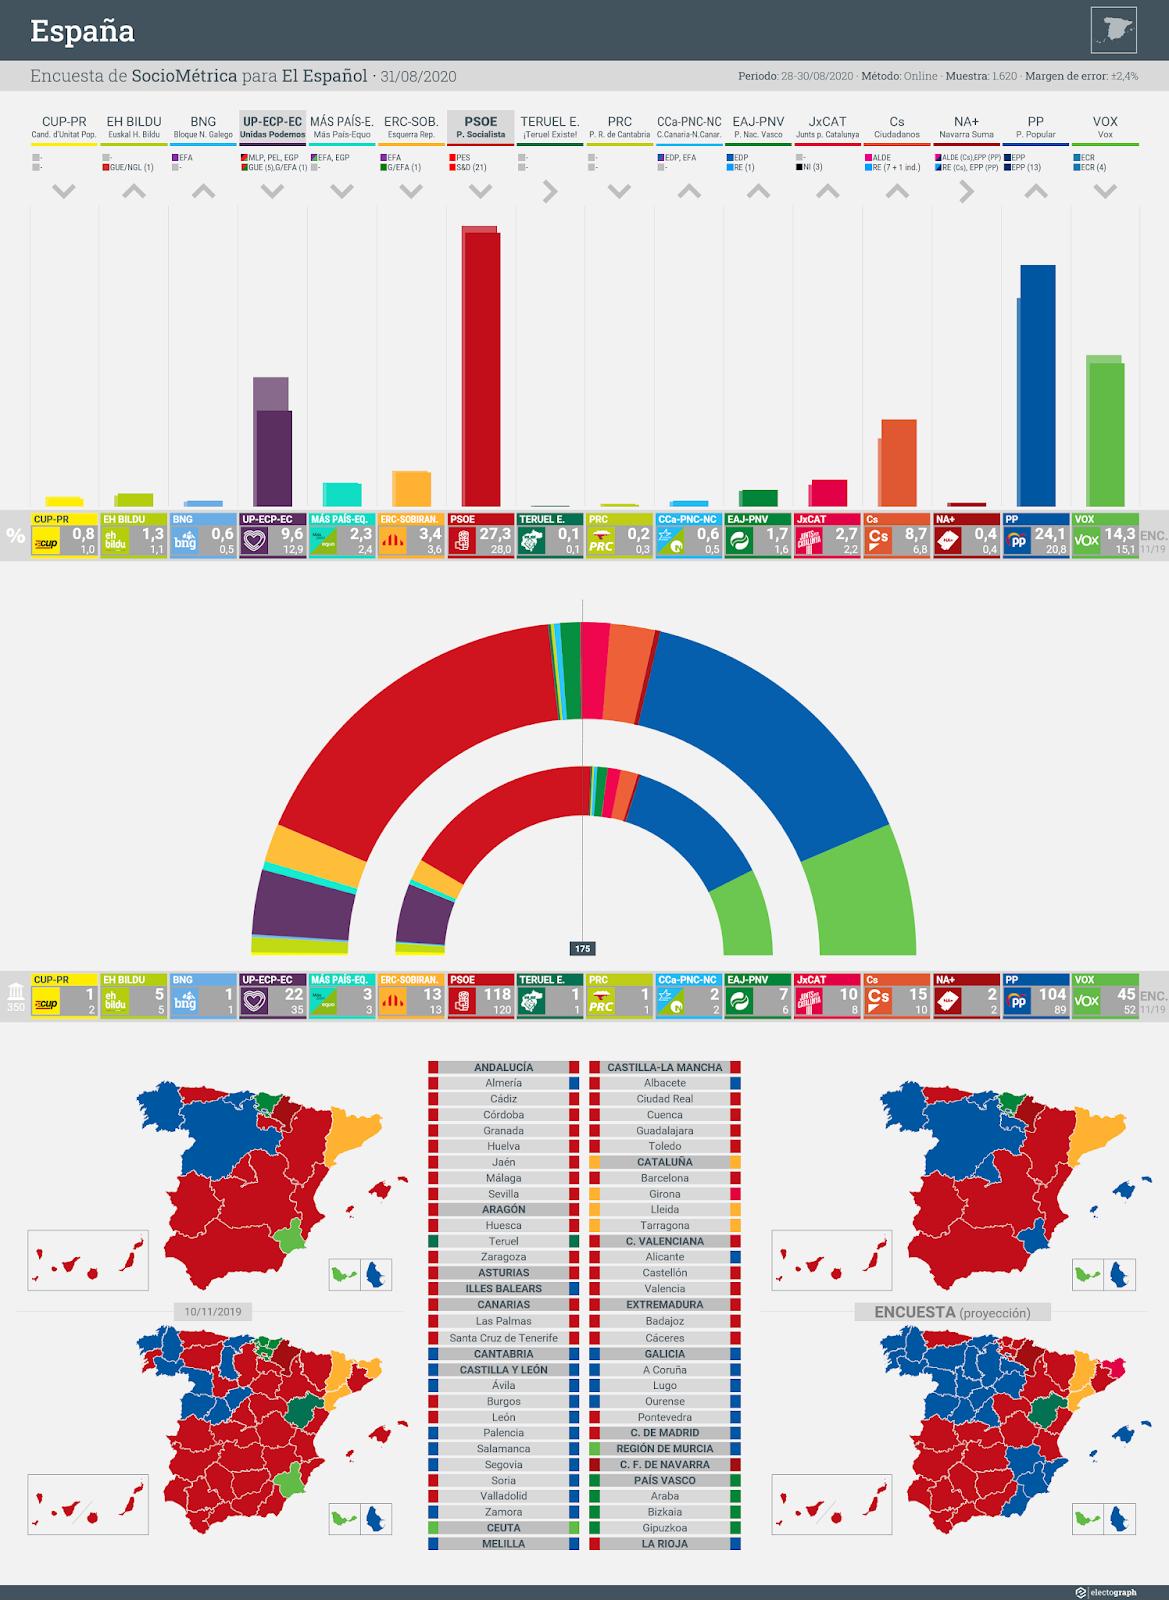 Gráfico de la encuesta para elecciones generales en España realizada por SocioMétrica para El Español, 31 de agosto de 2020